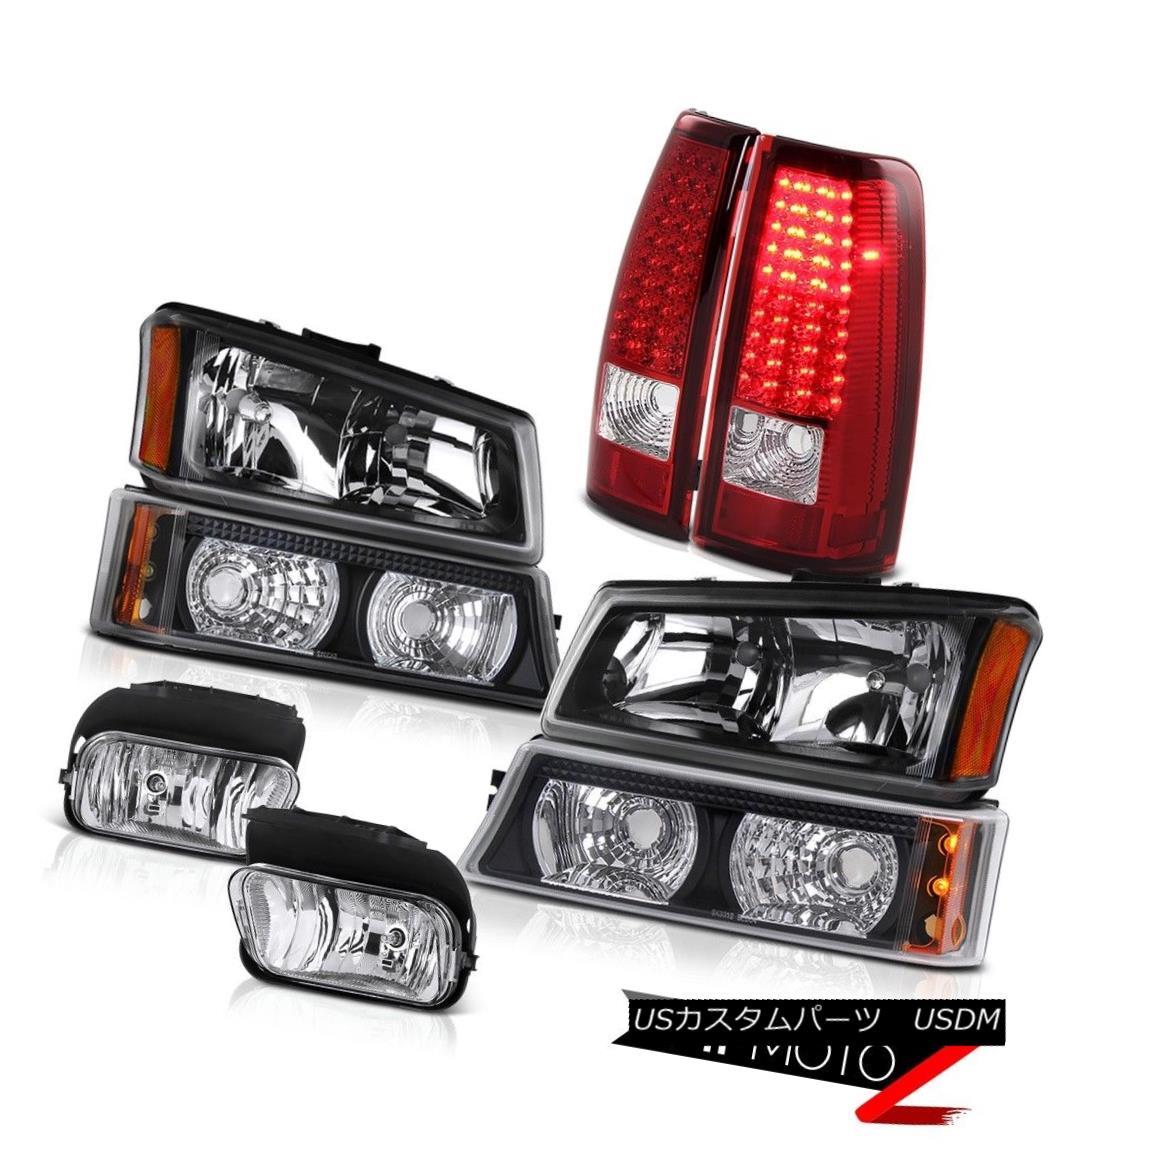 テールライト 2003-2006 Silverado 5.3L Black Head Lamp Parking Bumper Euro LED Tail Lights Fog 2003-2006 Silverado 5.3LブラックヘッドランプパーキングバンパーユーロLEDテールライトフォグ